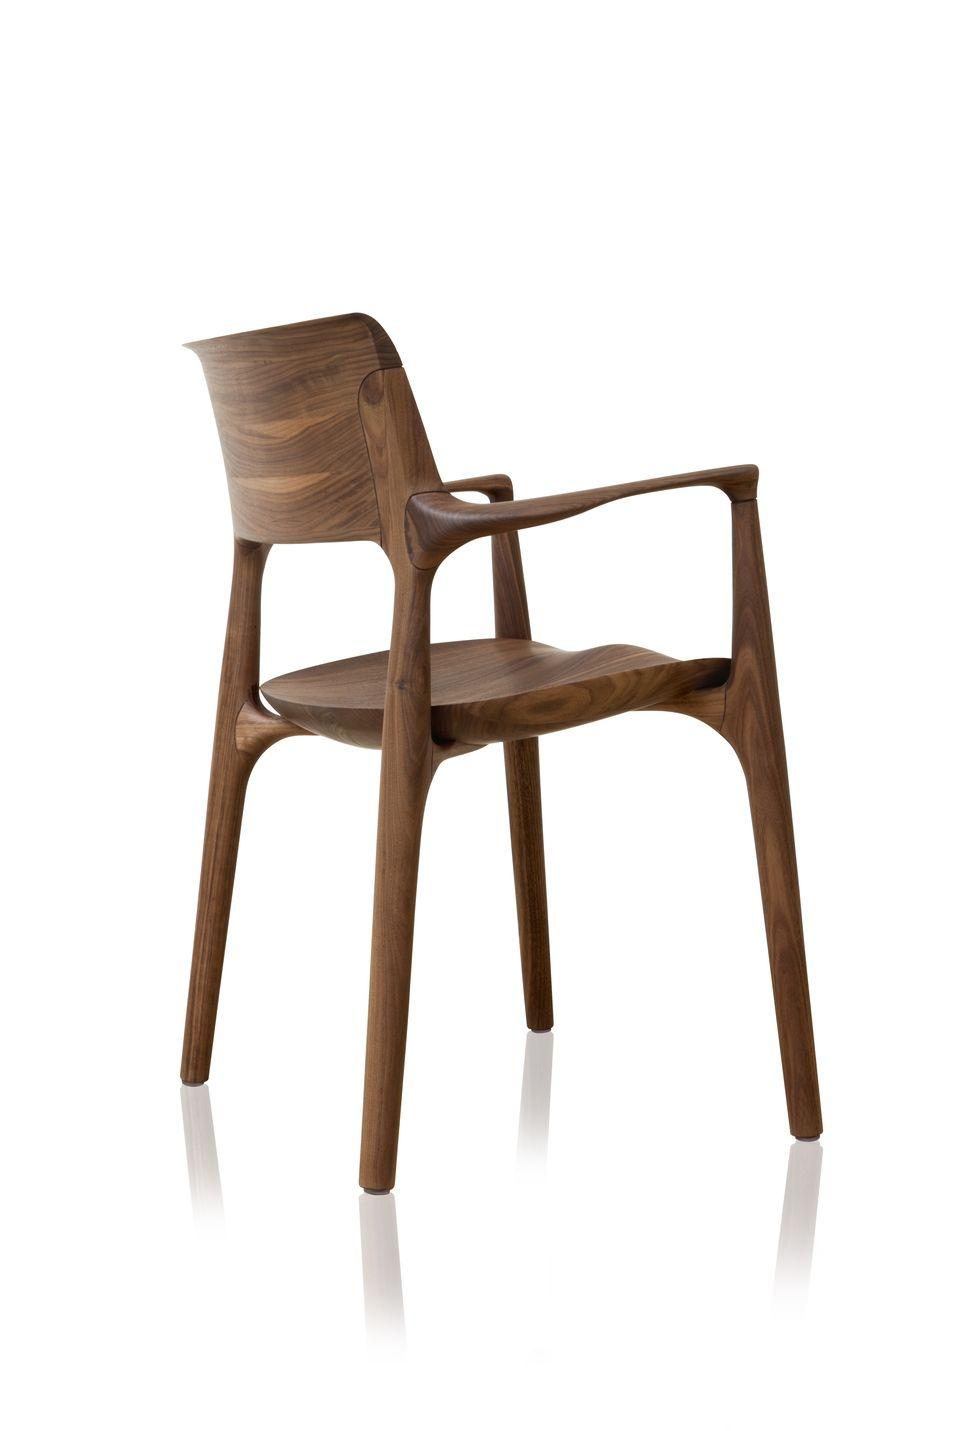 Http Www Design42day Com Events Brera Design District 89 Sollos Present Jader Almeira Stuhl Design Möbeldesign Holzstühle